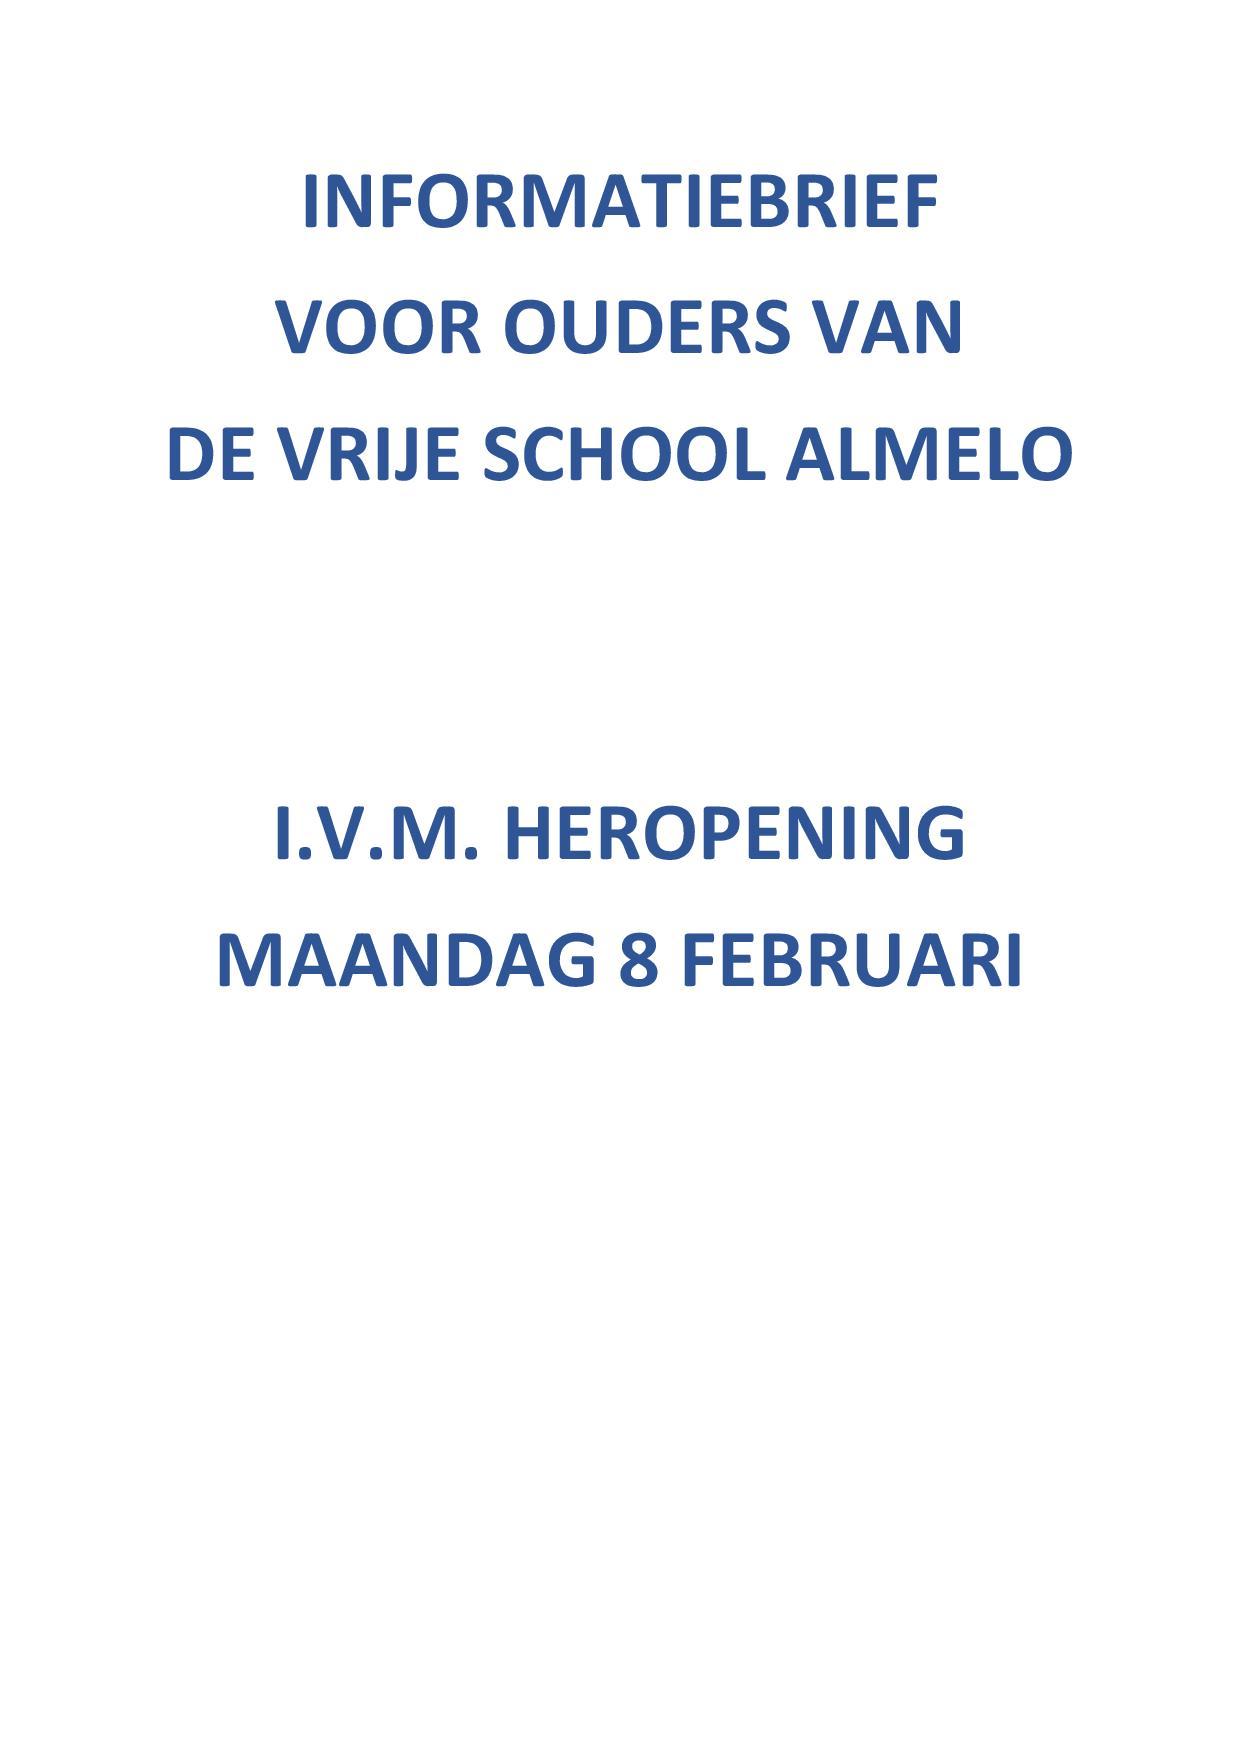 Informatiebrief Voor Ouders Van De Vrije School Almelo I.v.m. Heropening Op 8 Februari